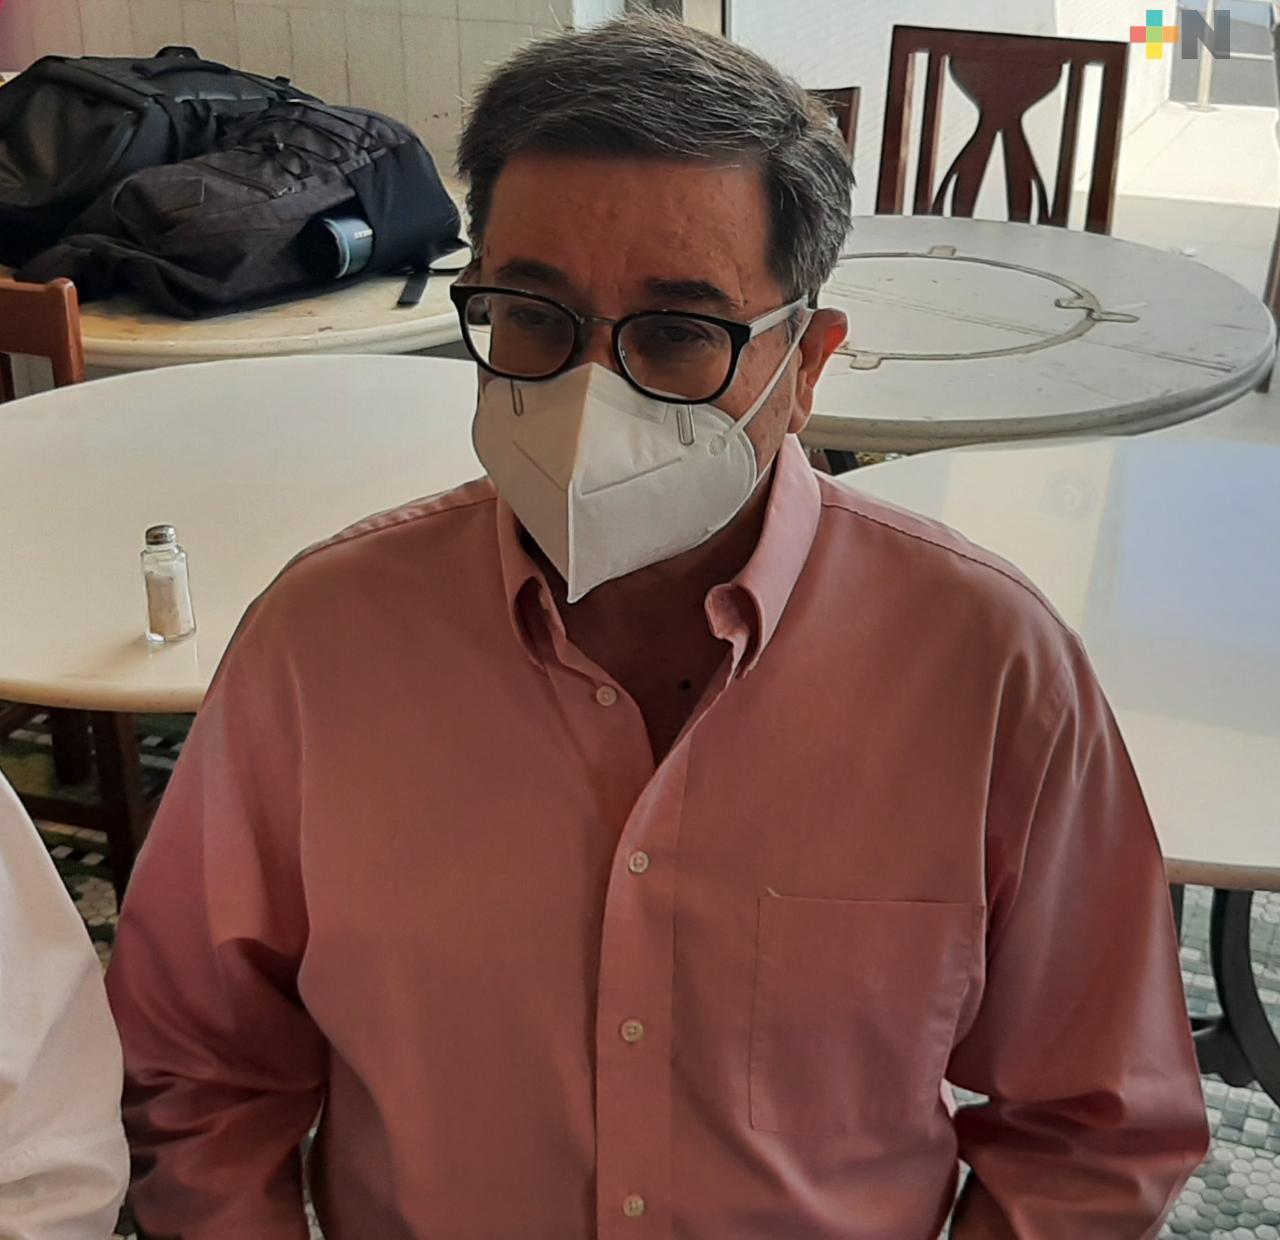 Ángel Deschamps es el precandidato a la alcaldía de Boca del Río por Movimiento Ciudadano